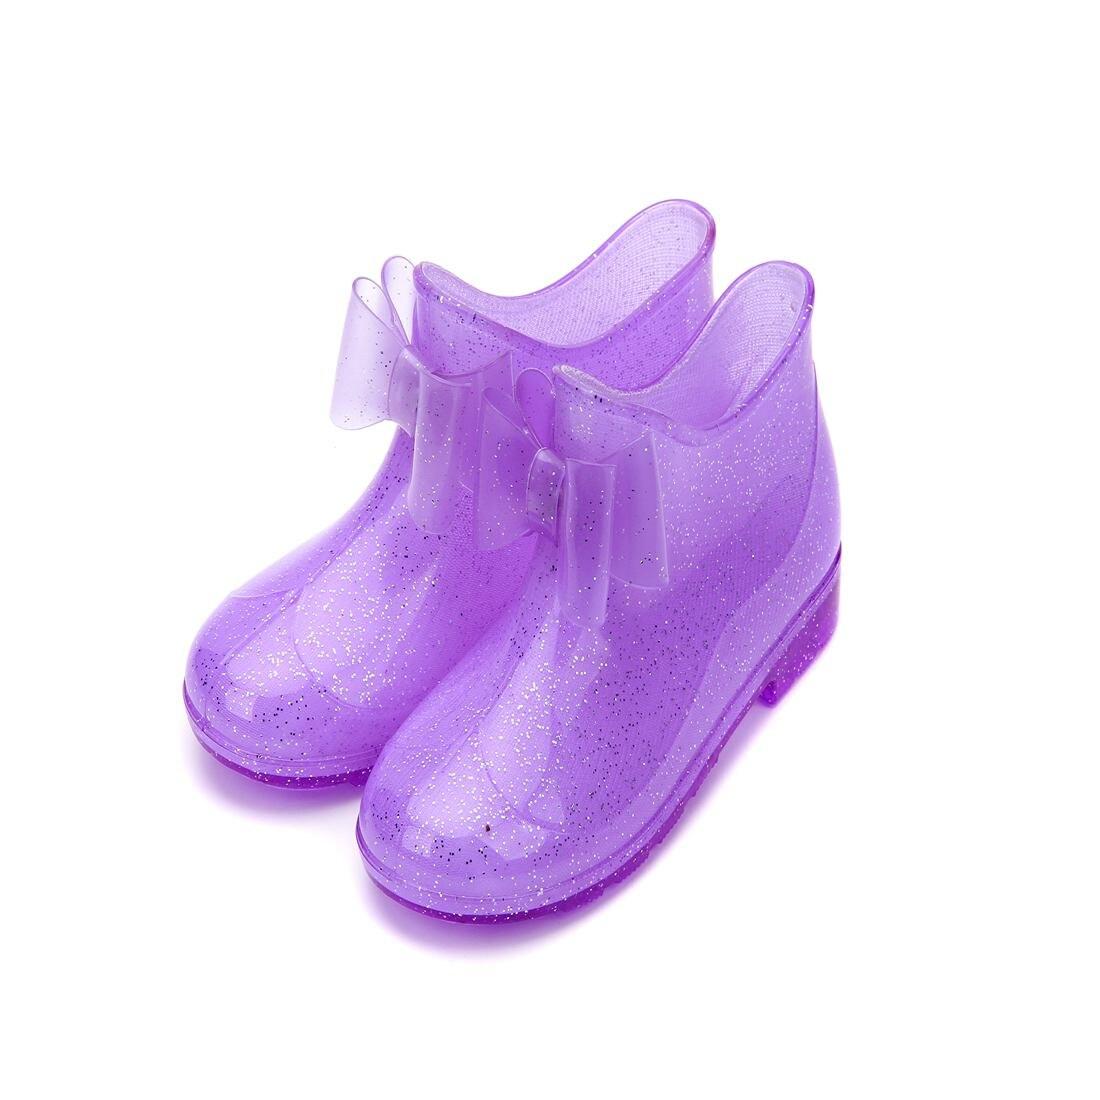 2b654ac42 Melissa дождь загрузки Мини двойной Слои лук 2018 Новая летняя детская обувь  из ПВХ дети обуви